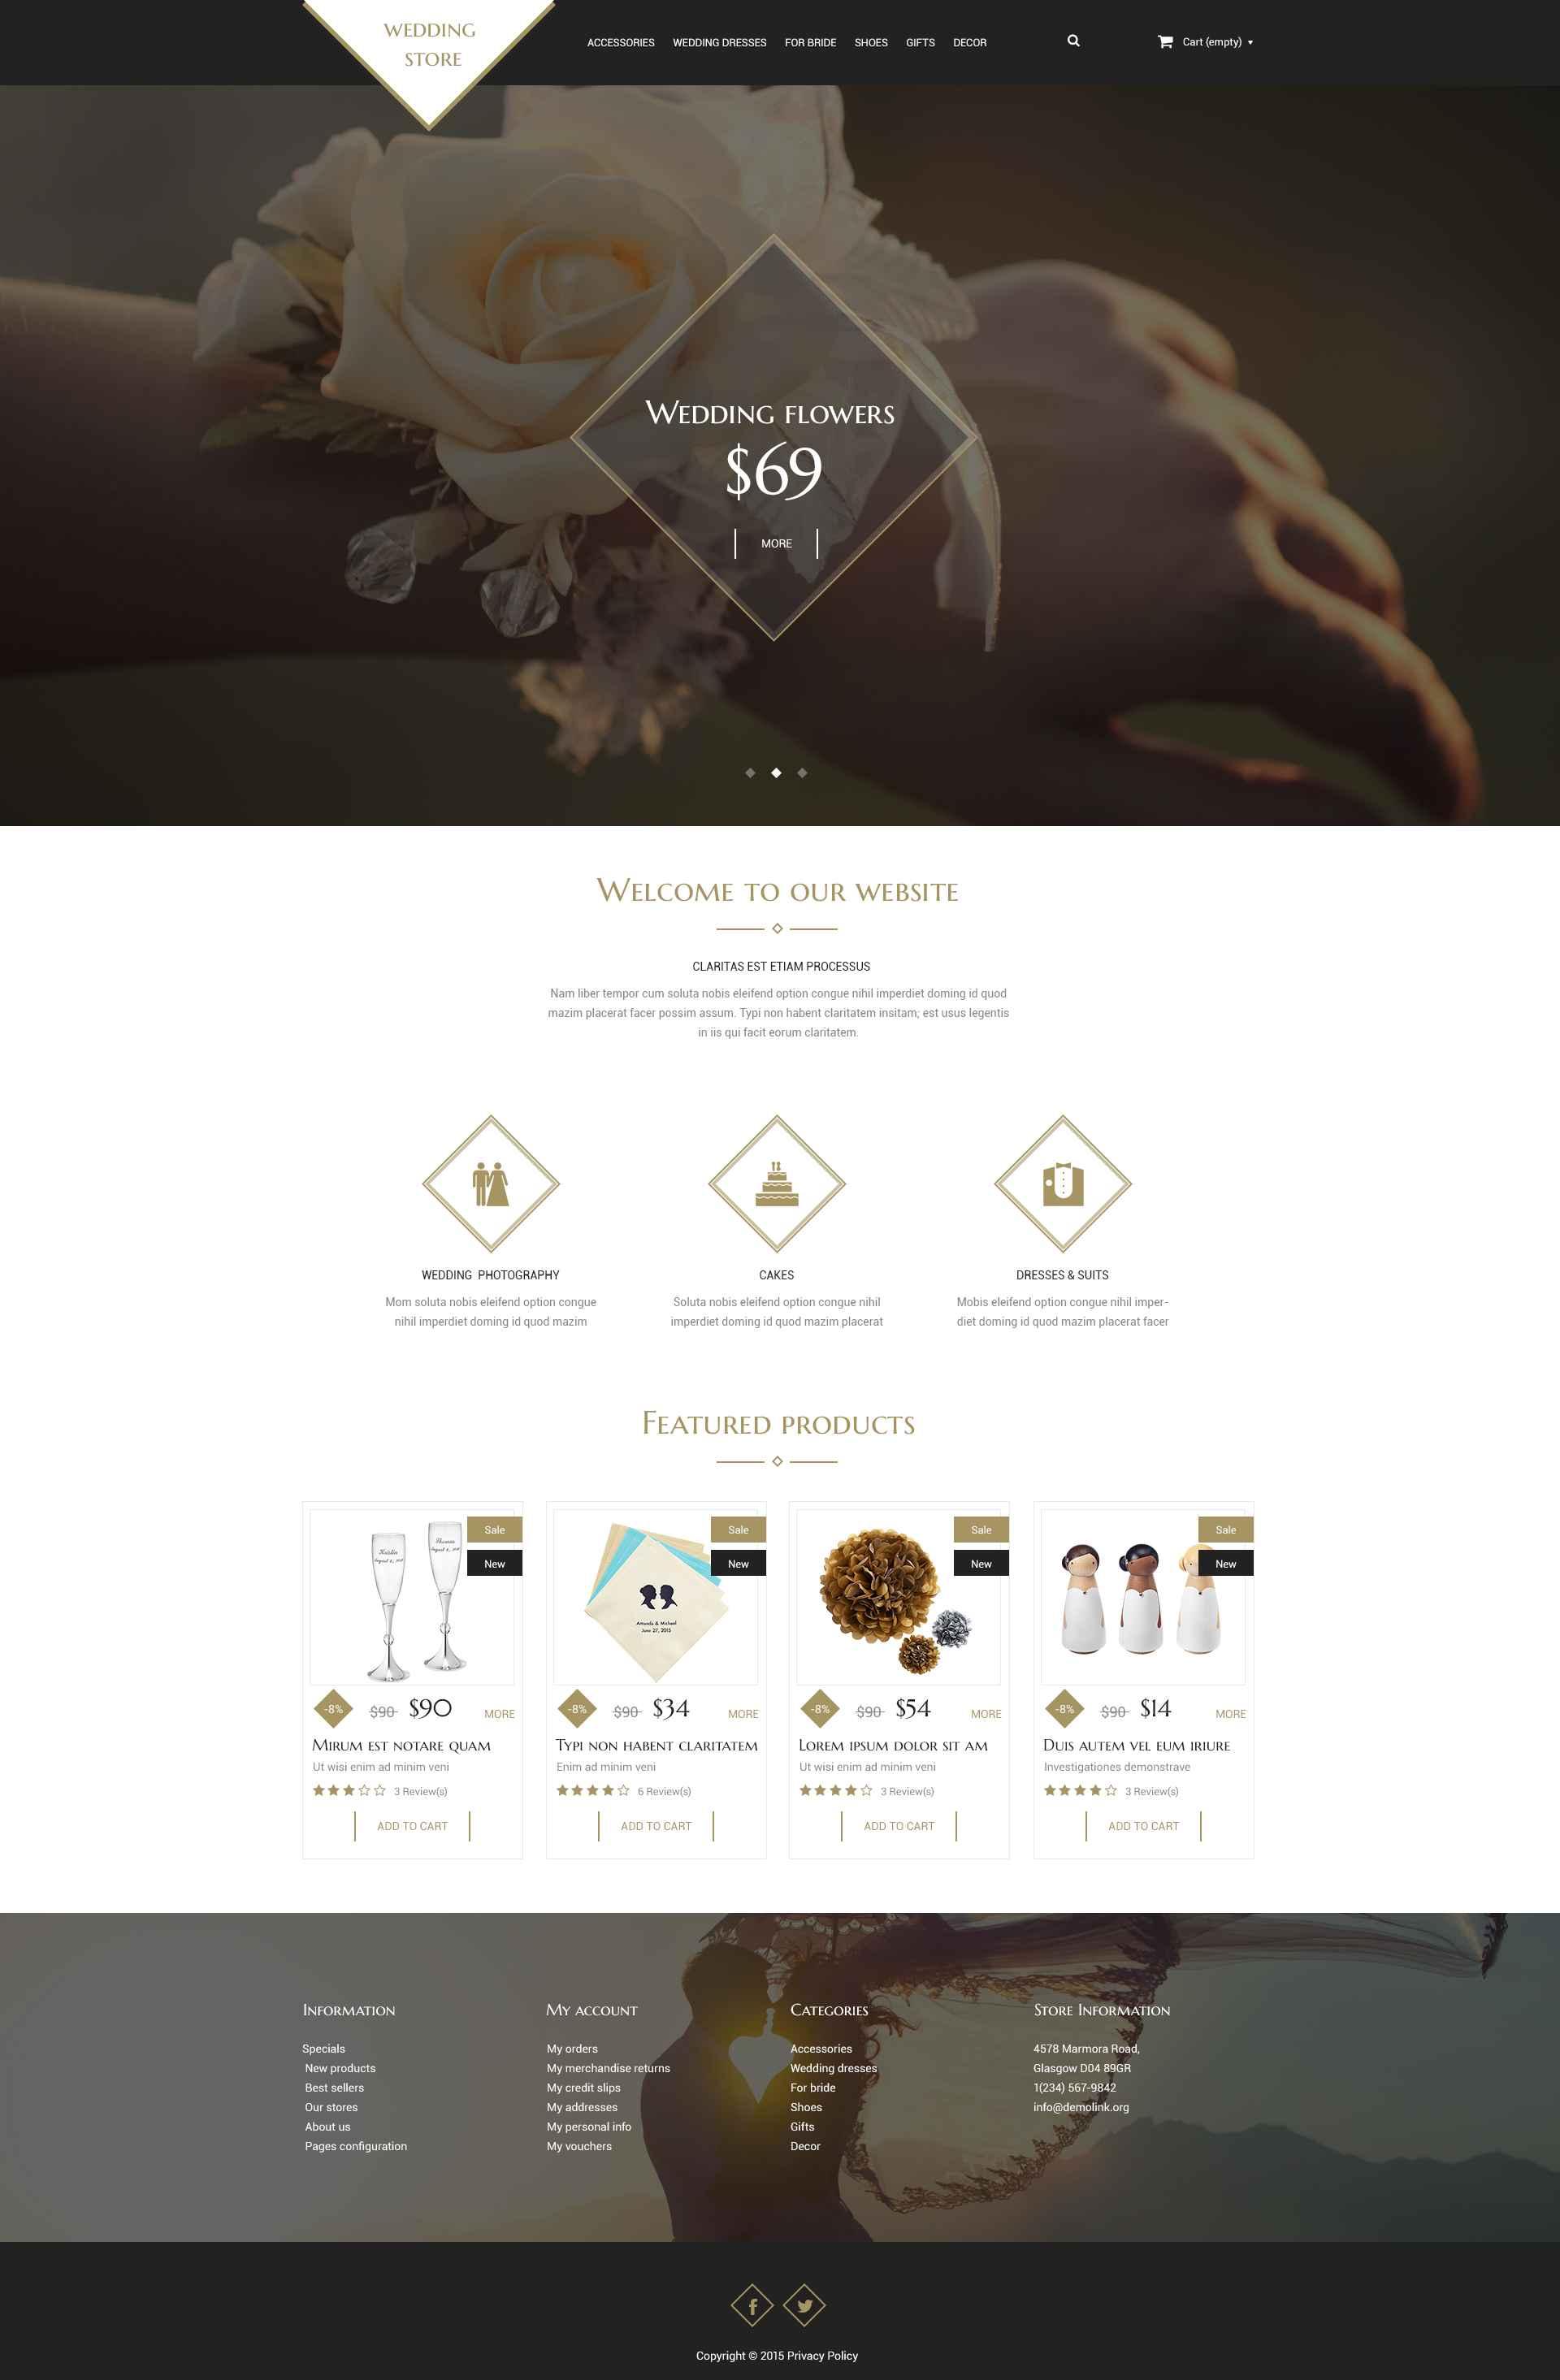 Wedding Shop PSD Template - screenshot